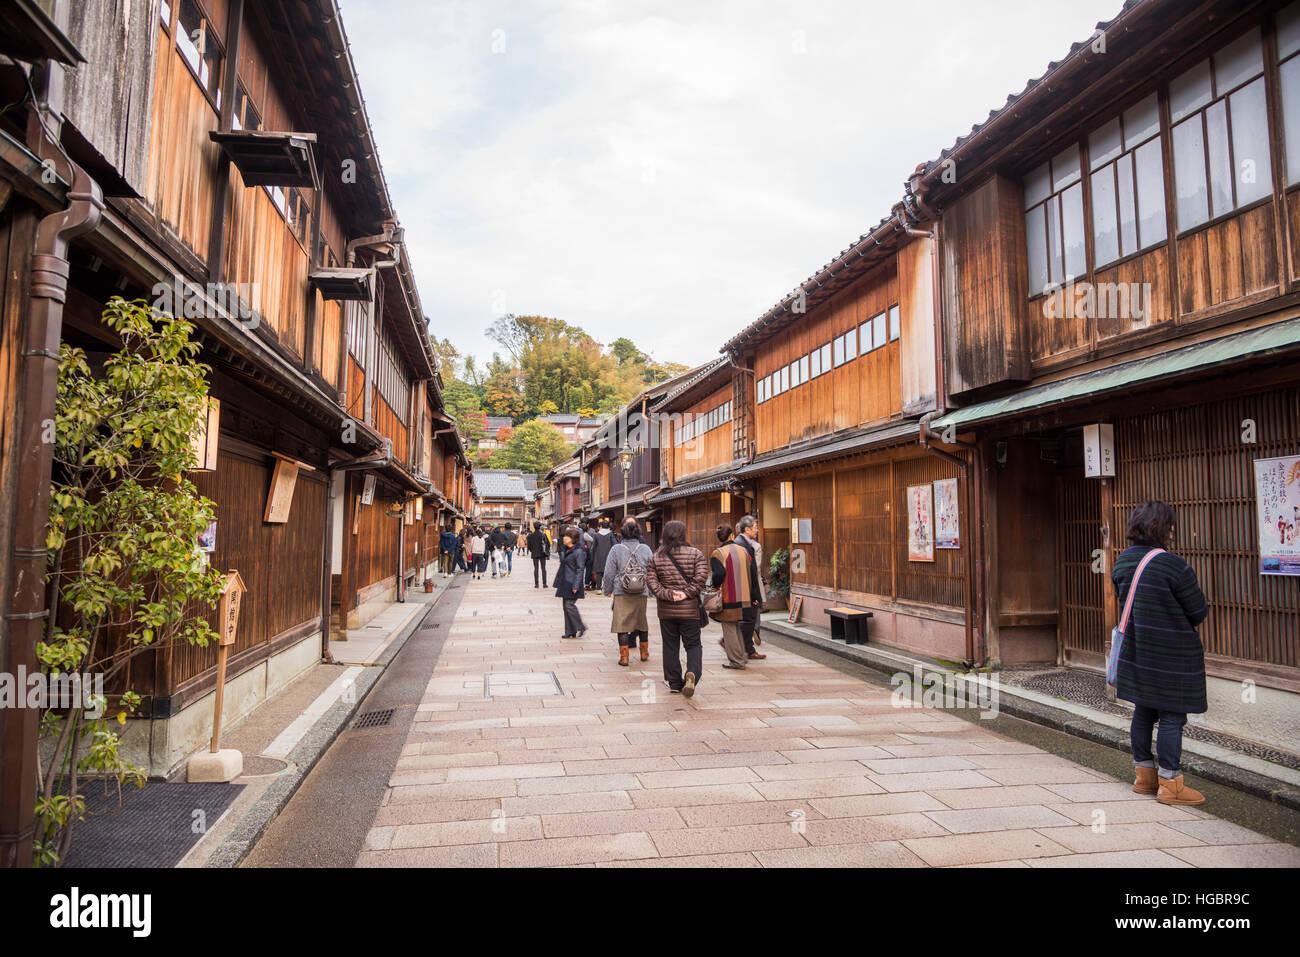 Quartier Higashi Chaya, la ville de Kanazawa, Ishikawa Prefecture, Japan Banque D'Images